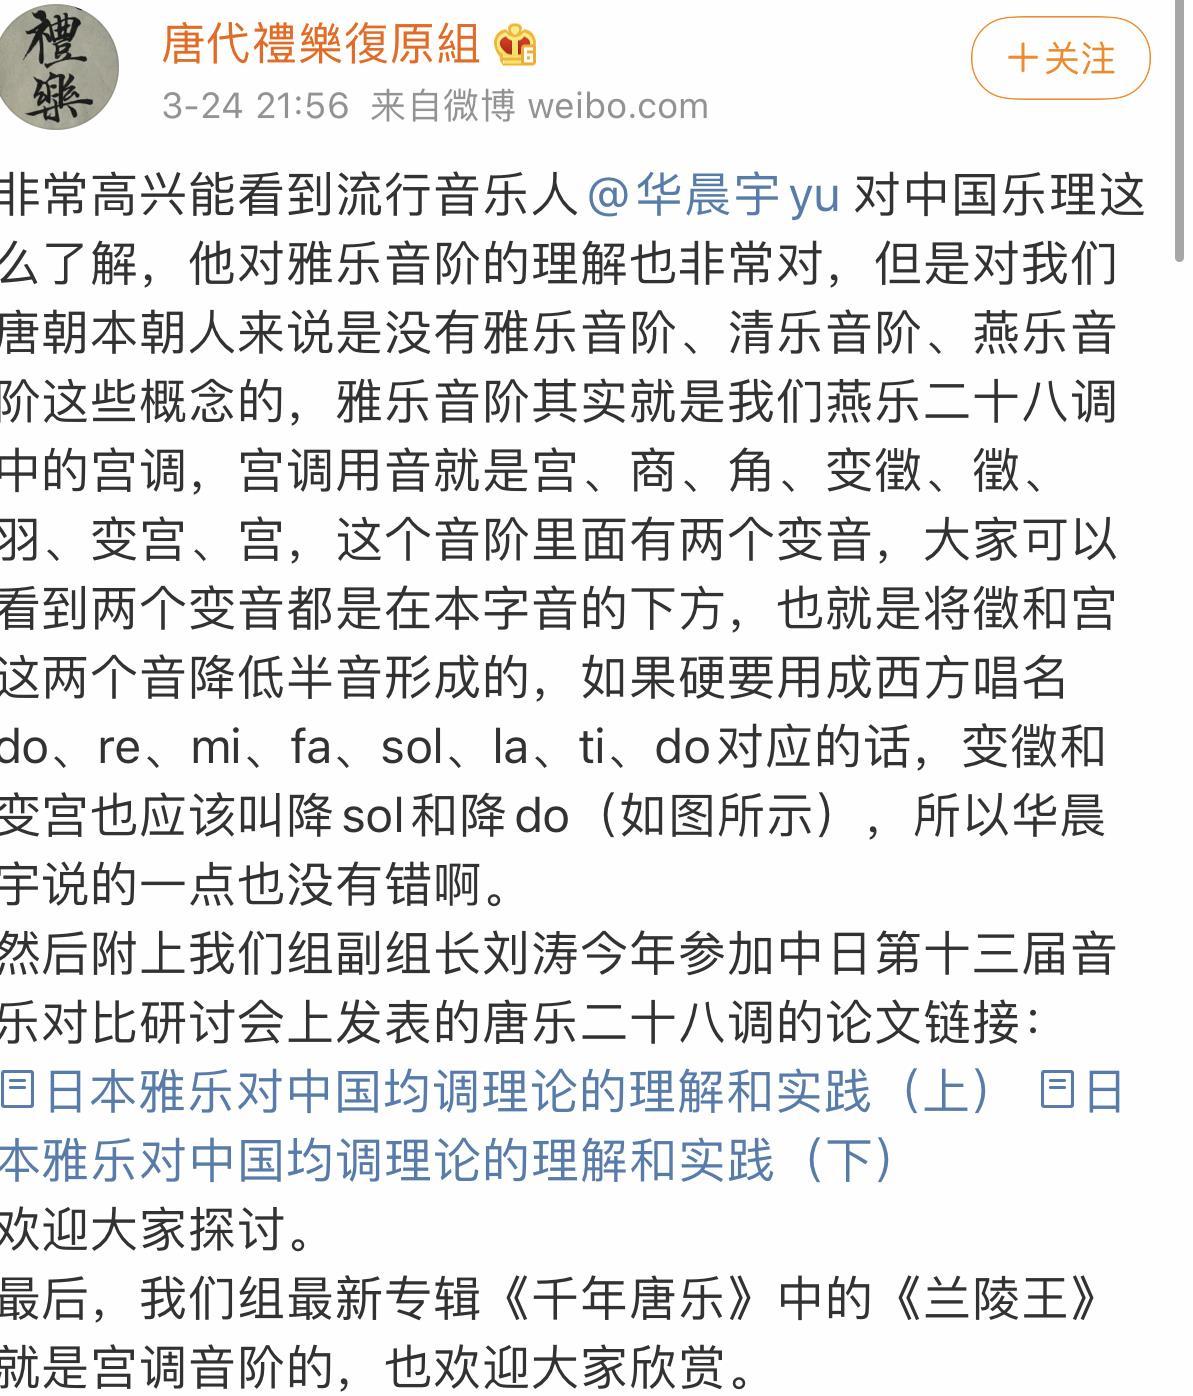 從華語領軍人到人設崩塌,露出真面目的華晨宇,成娛樂圈反面教材-圖10